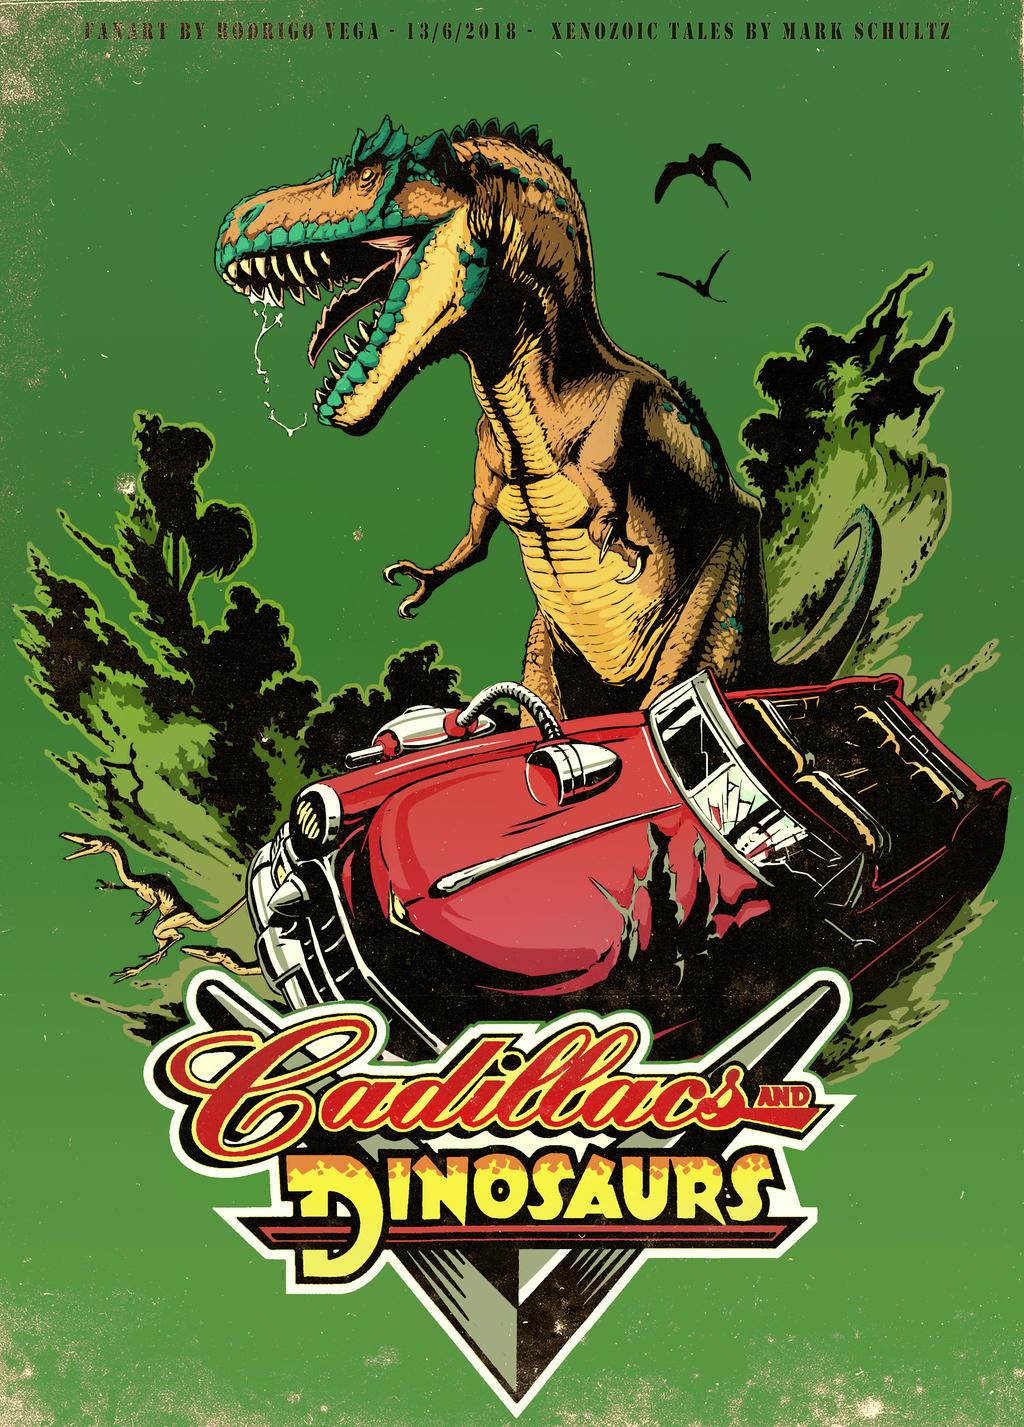 Cadillacs and Dinosaurs!